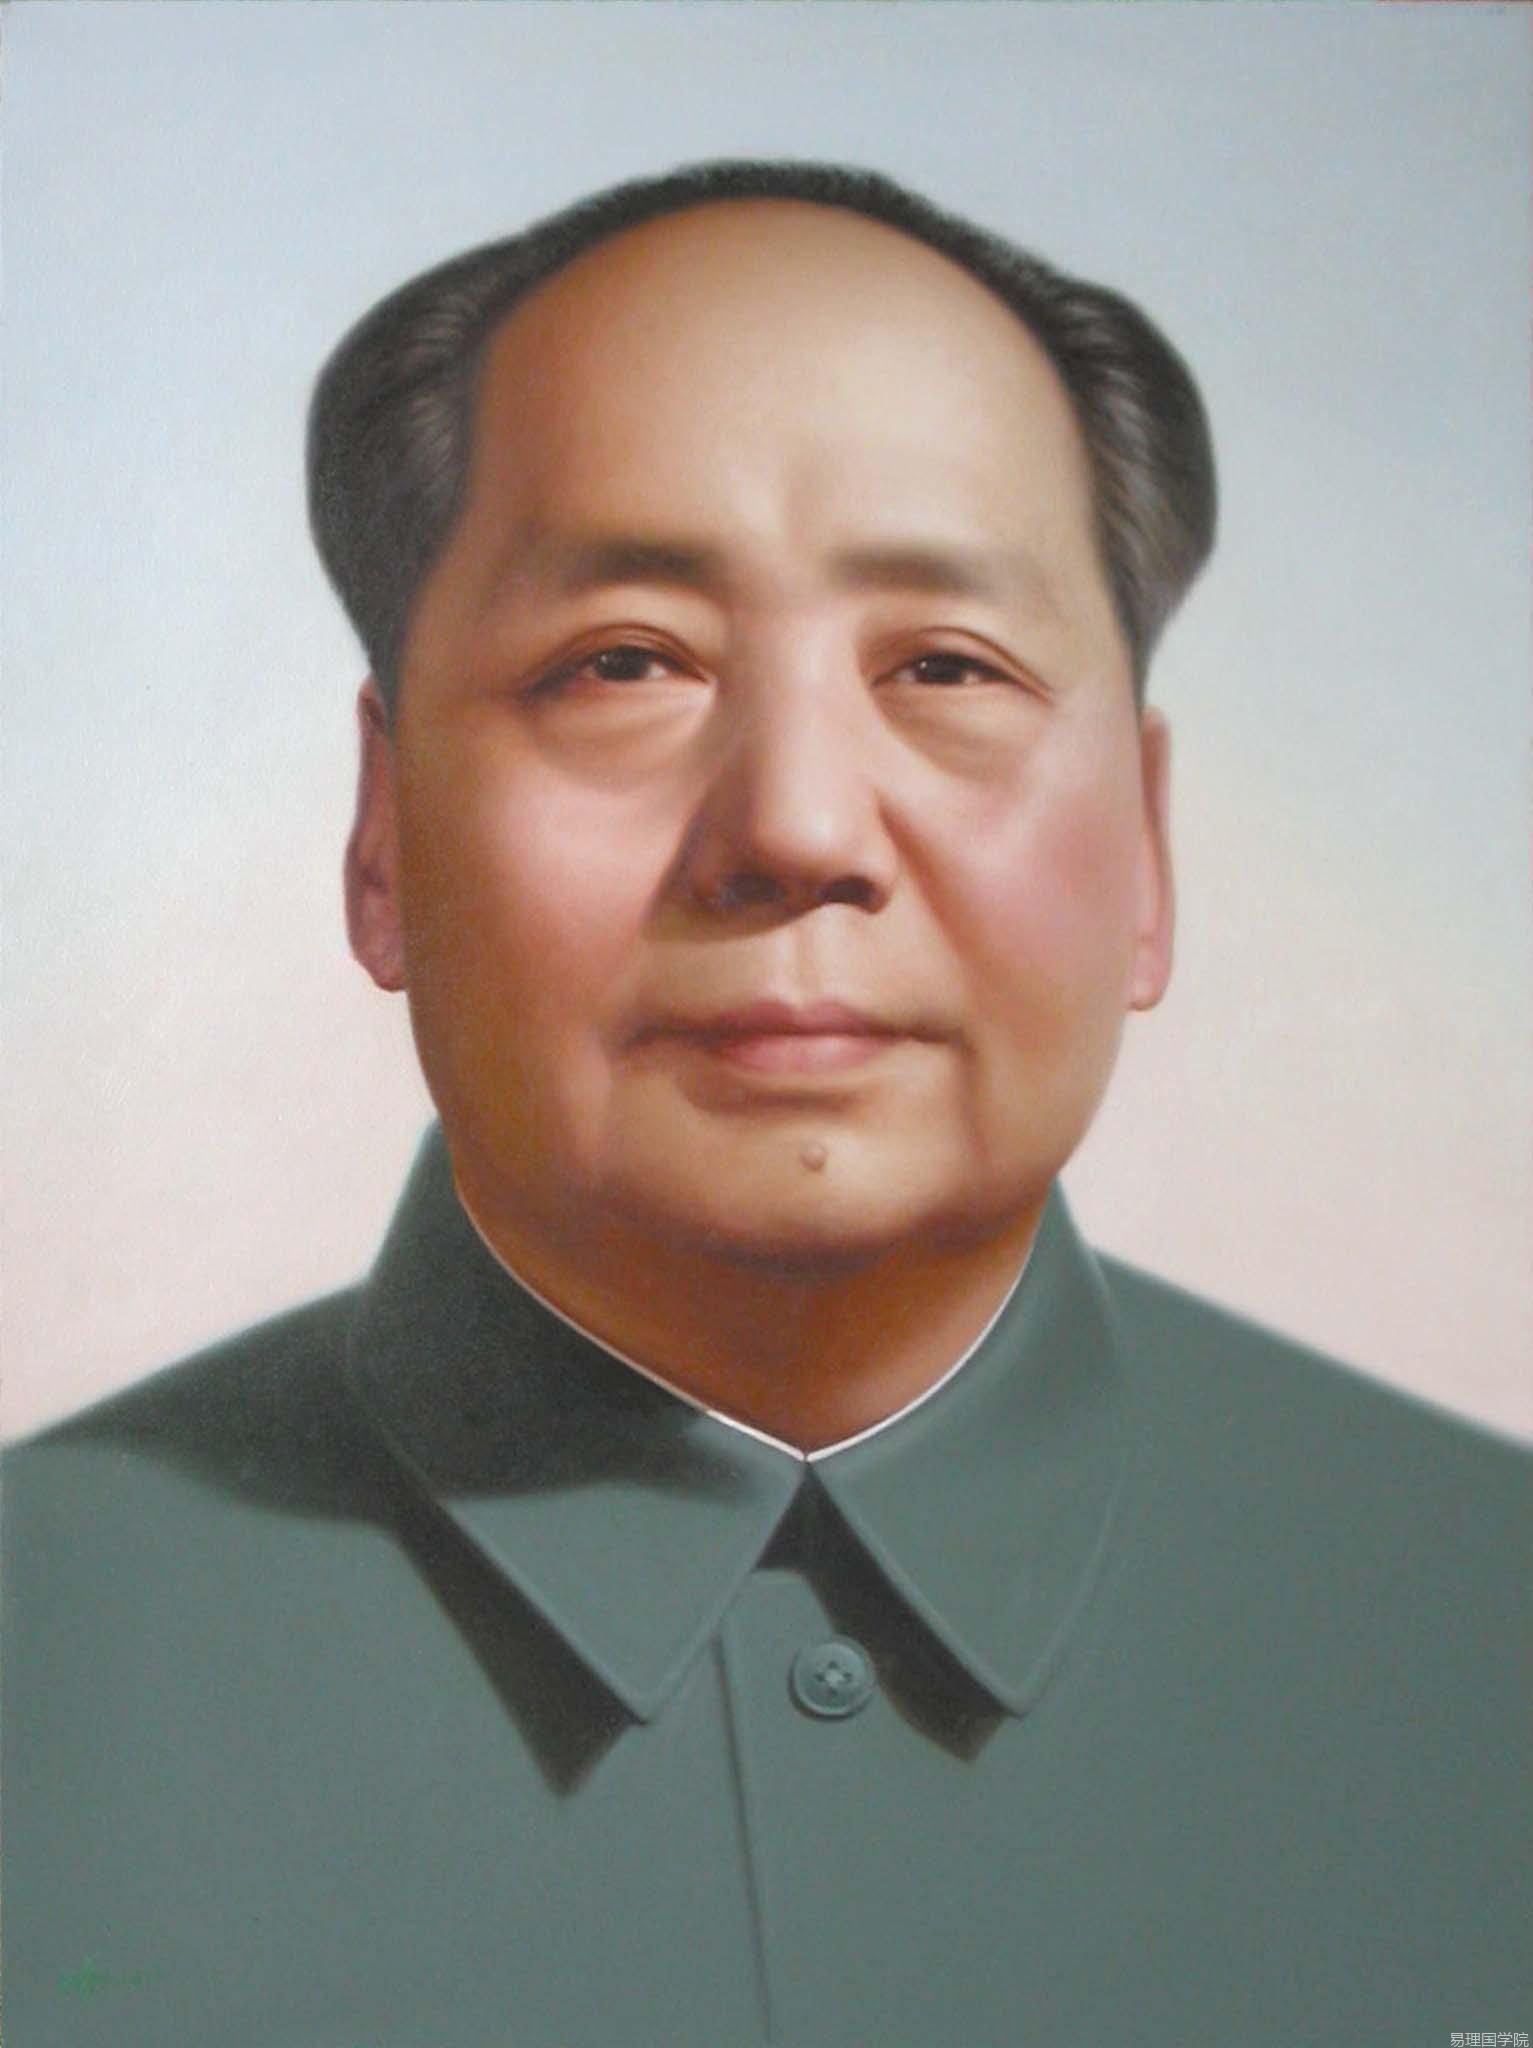 中国人要记住这一天:12月26日。伟大领袖毛主席圣诞